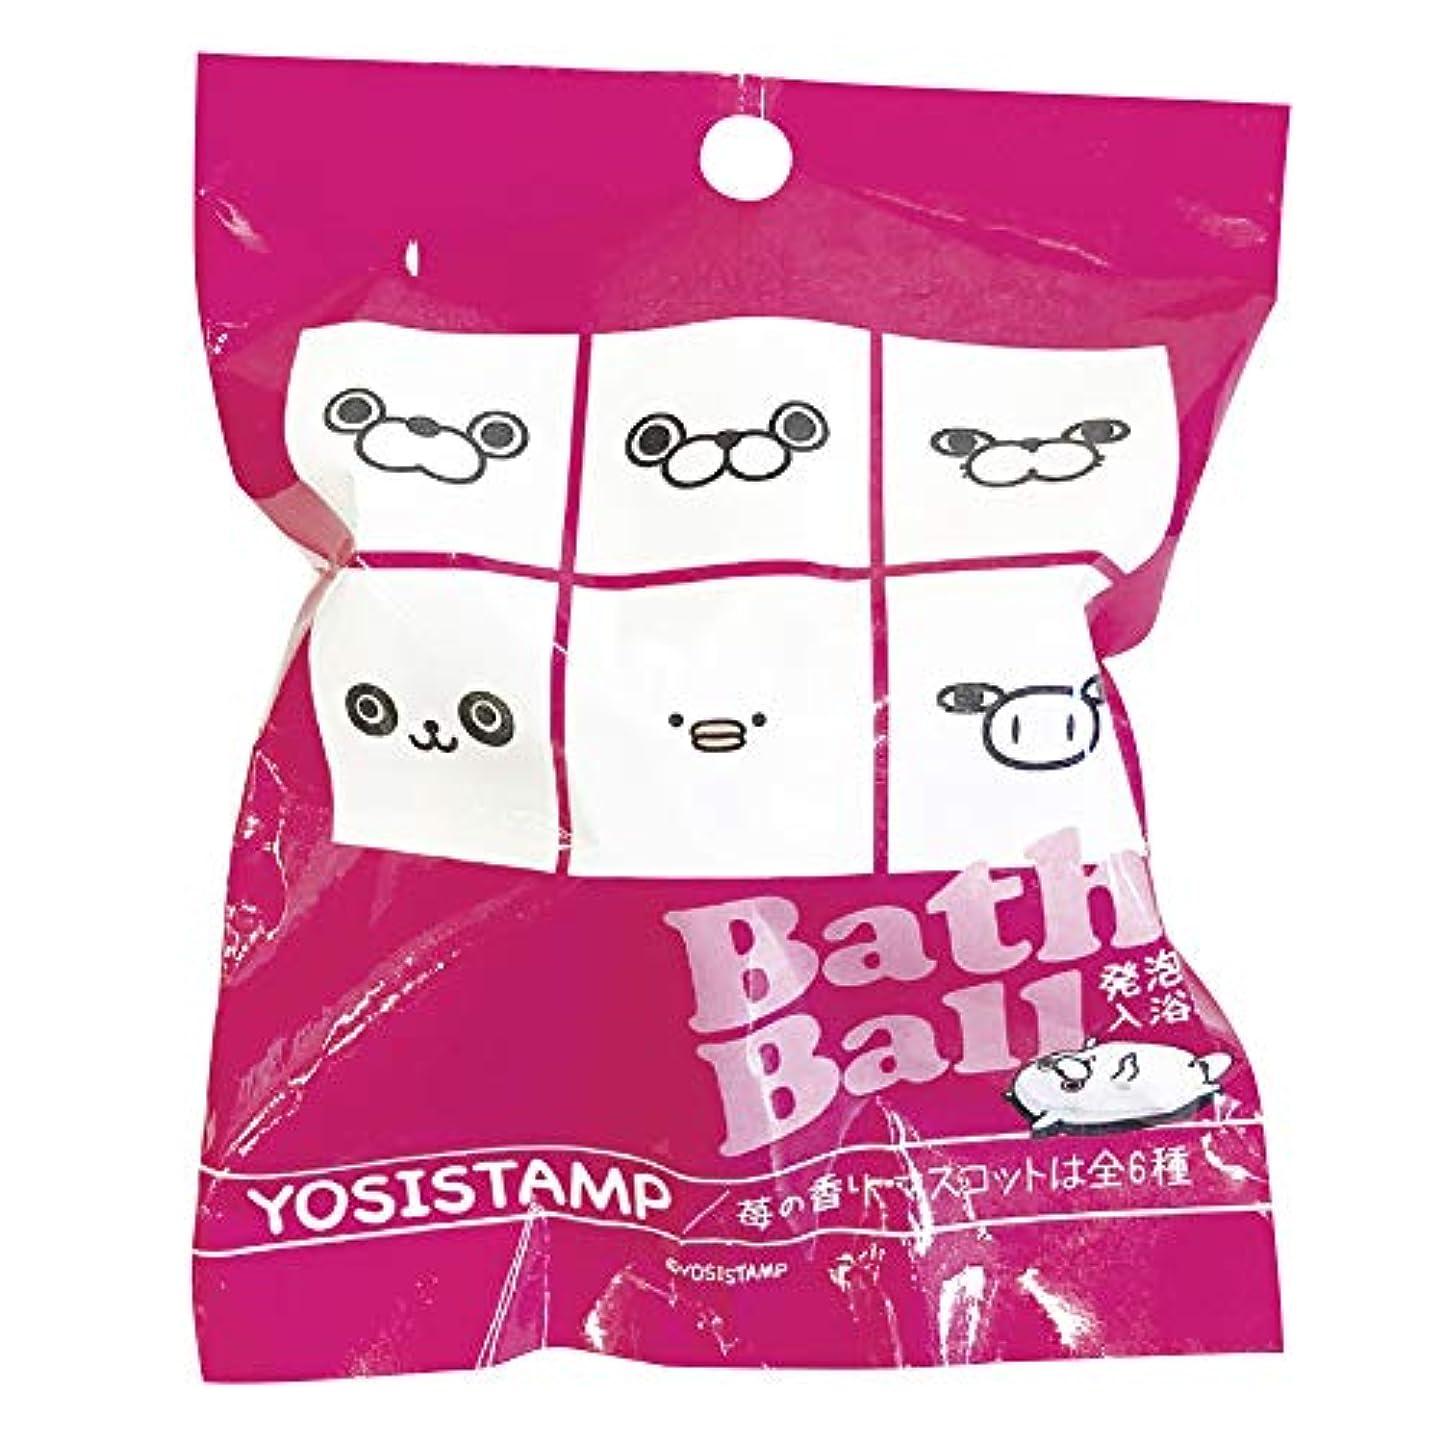 火炎ハンディ俳句ヨッシースタンプ 入浴剤 バスボール おまけ付き イチゴの香り ABD-004-002